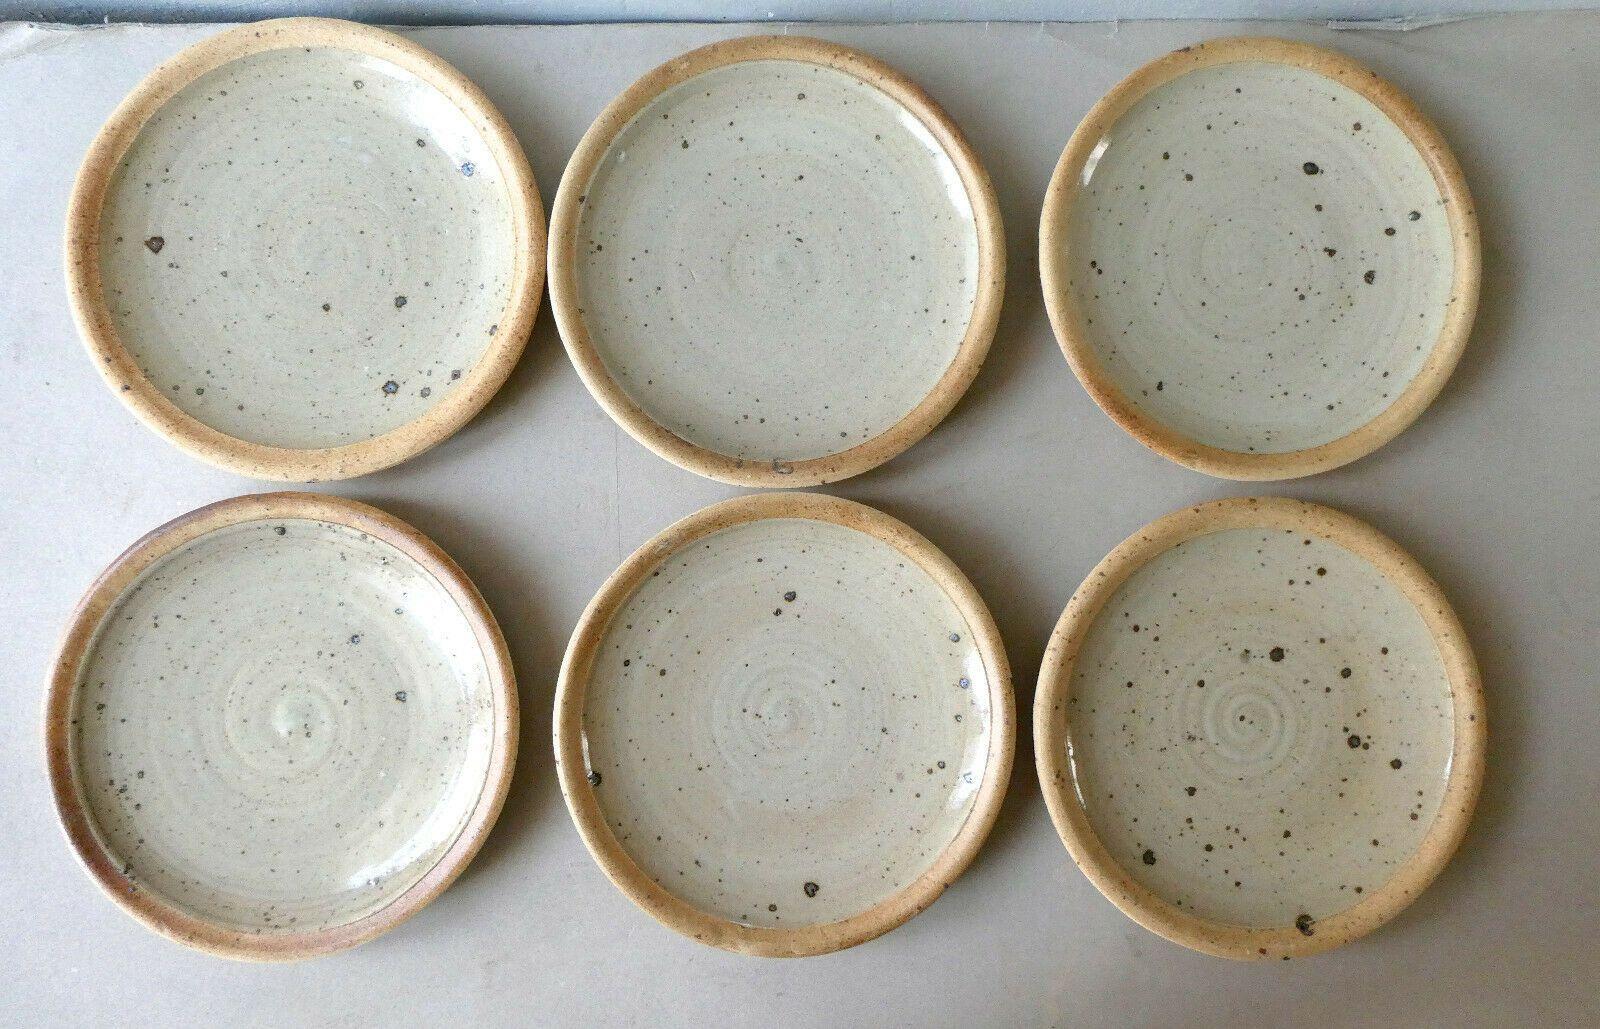 Details Sur 6 Assiettes Plates En Gres Pyrite De Pierre Digan La